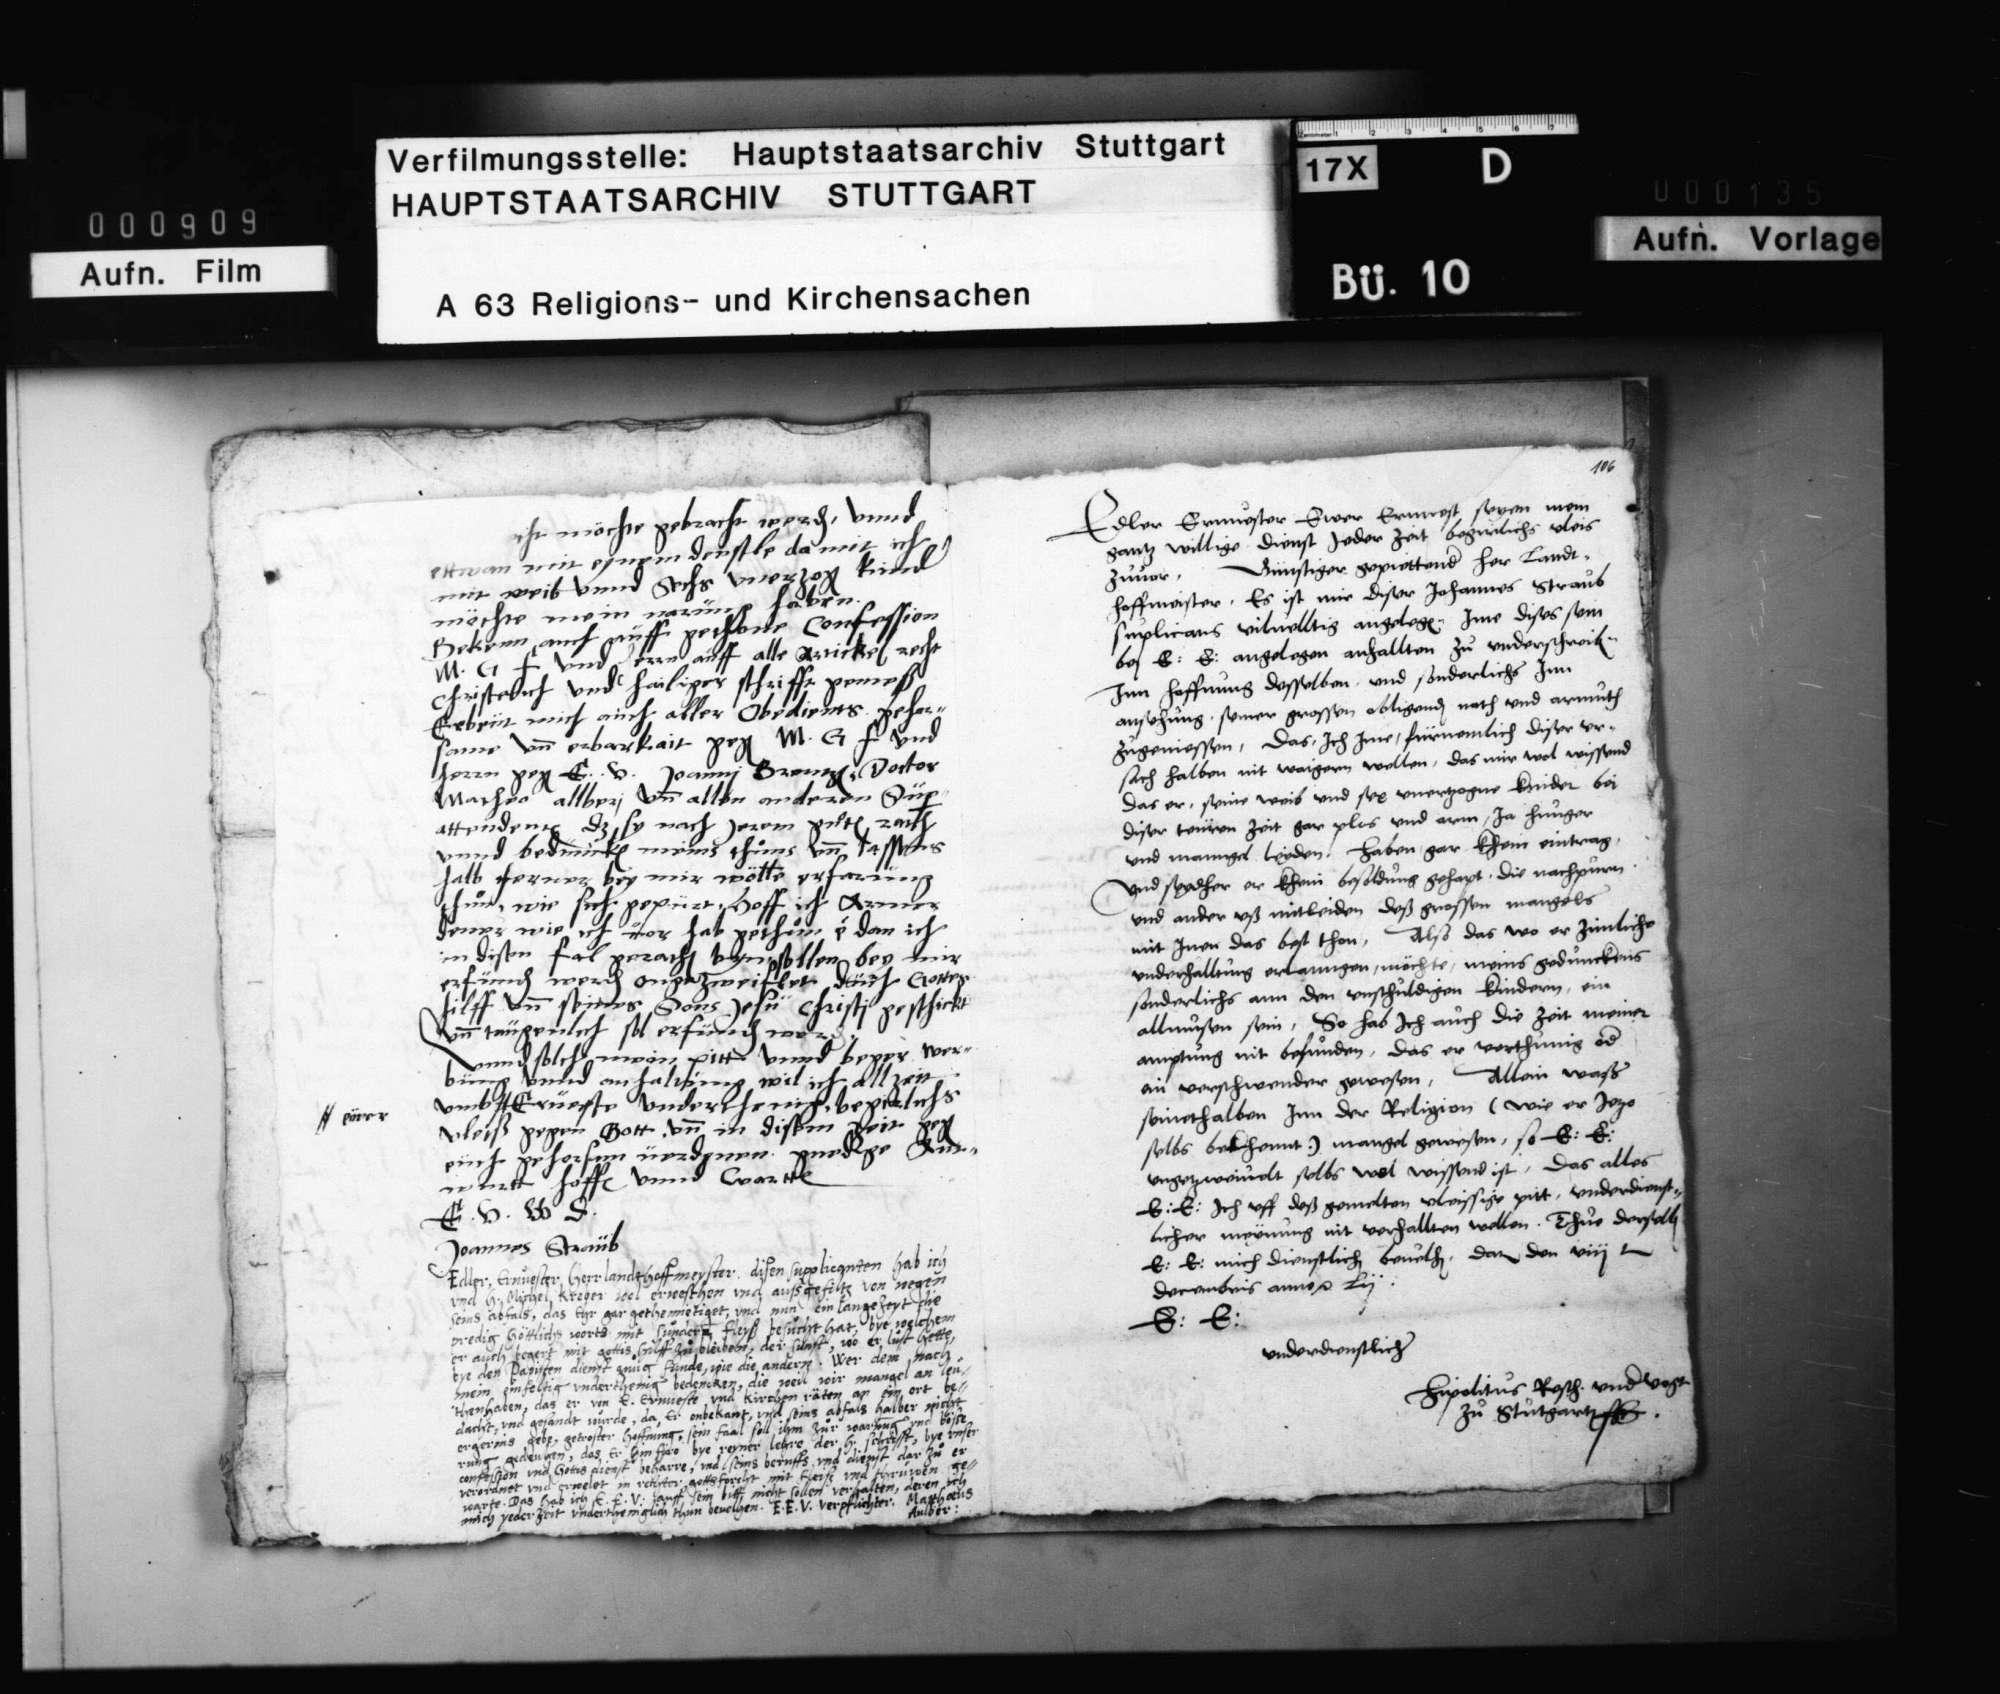 Supplikation des während des Interims papistisch gewordenen Johann Straub um Wiederanstellung, nebst Befürwortung durch Matthäus Alber und Hippolitus Resch., Bild 2